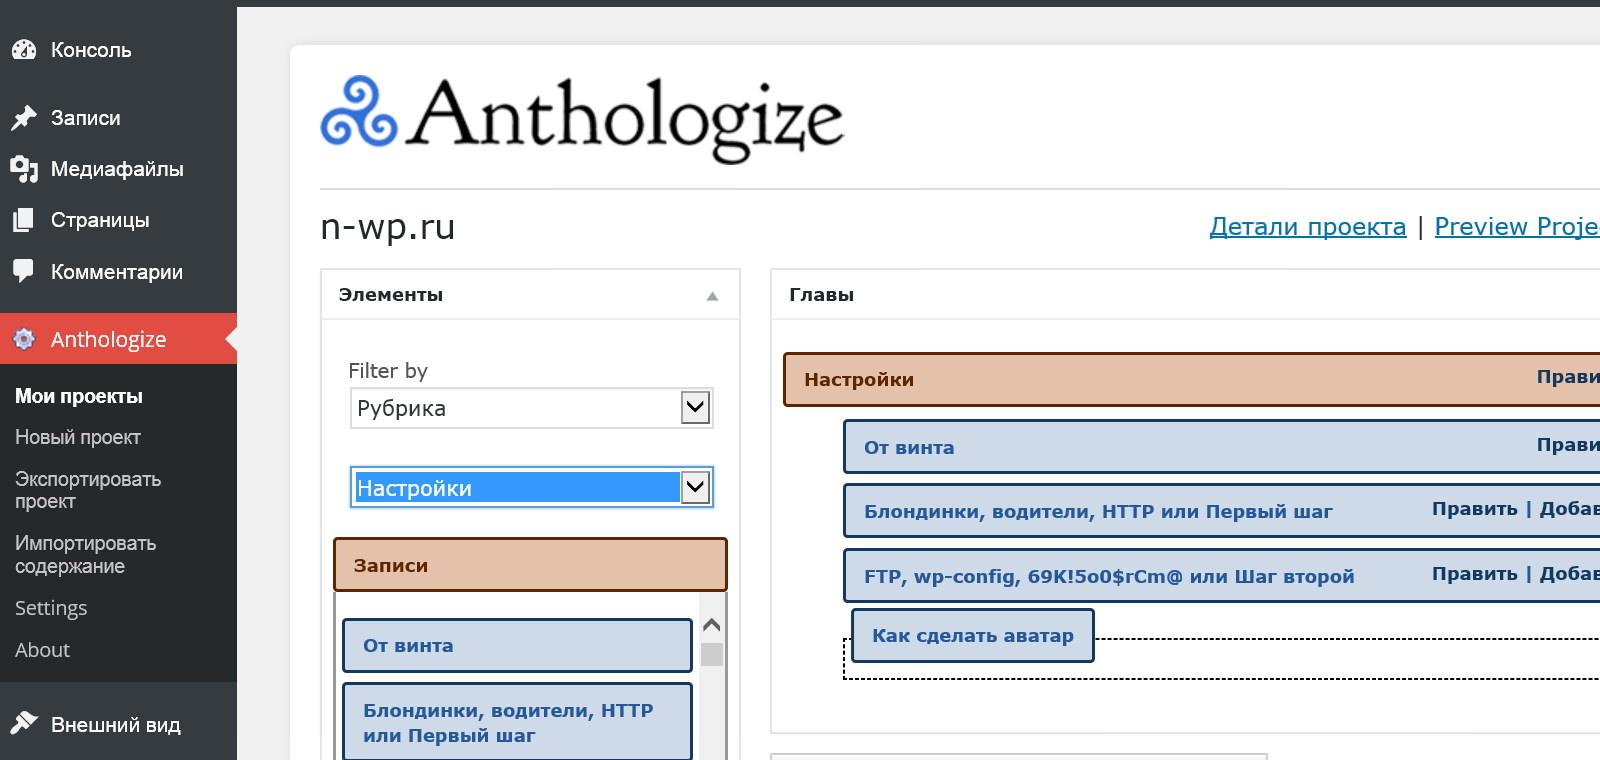 Anthologize — плагин для конвертирования содержимого блога в электронную книгу